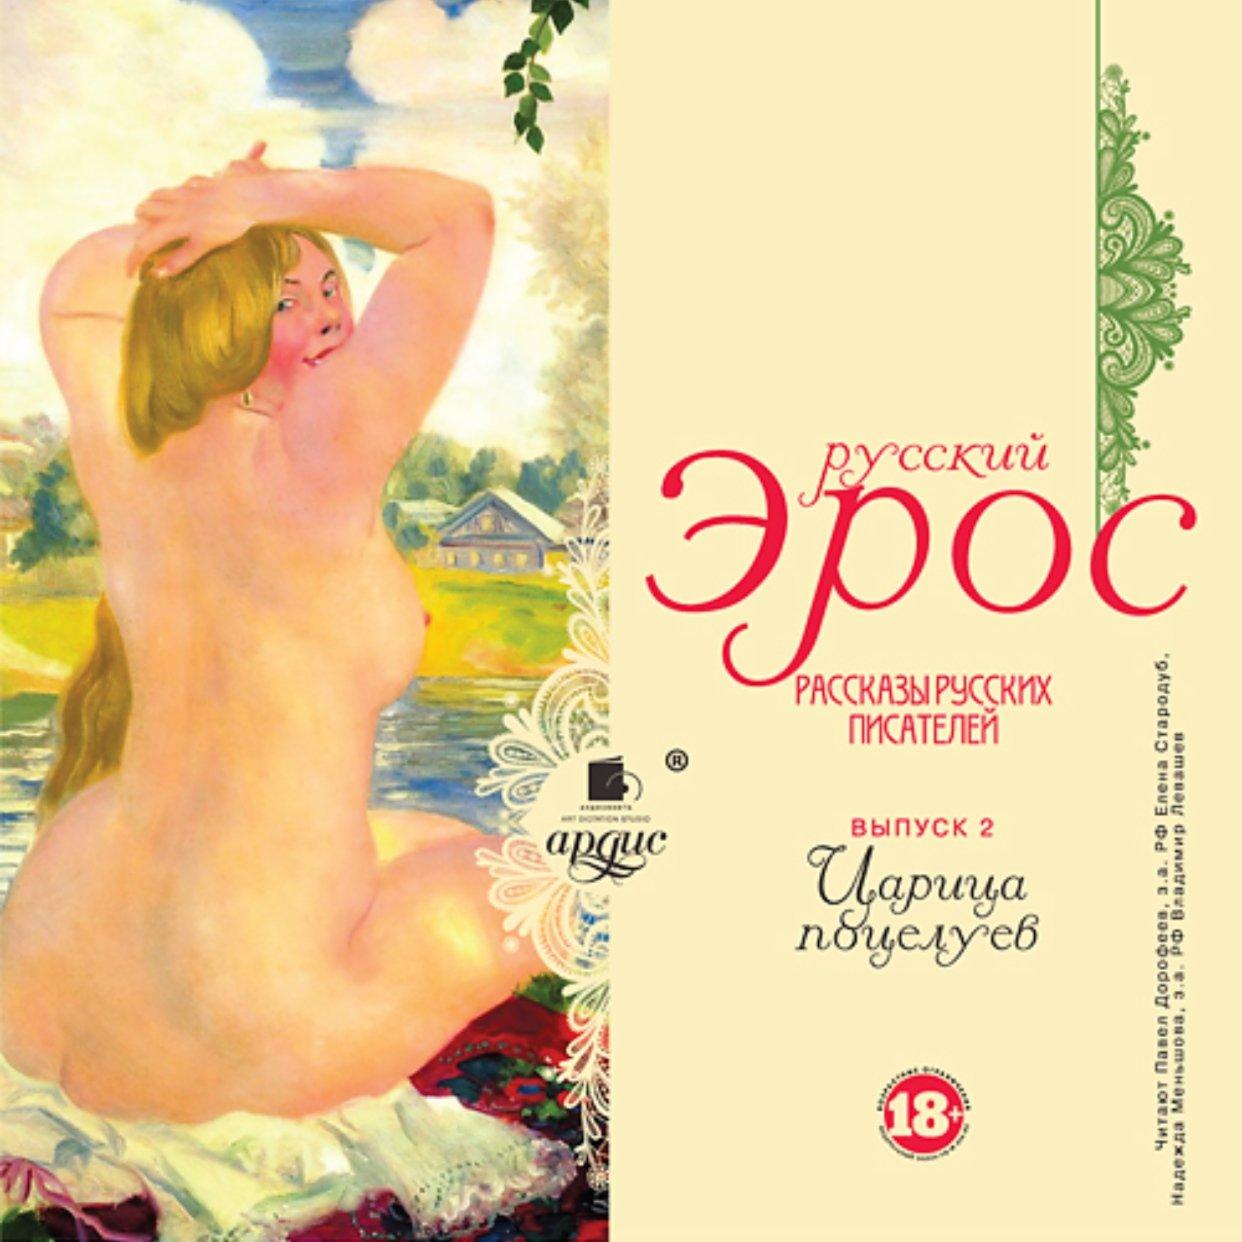 Русский эрос-2 «Царица поцелуев»